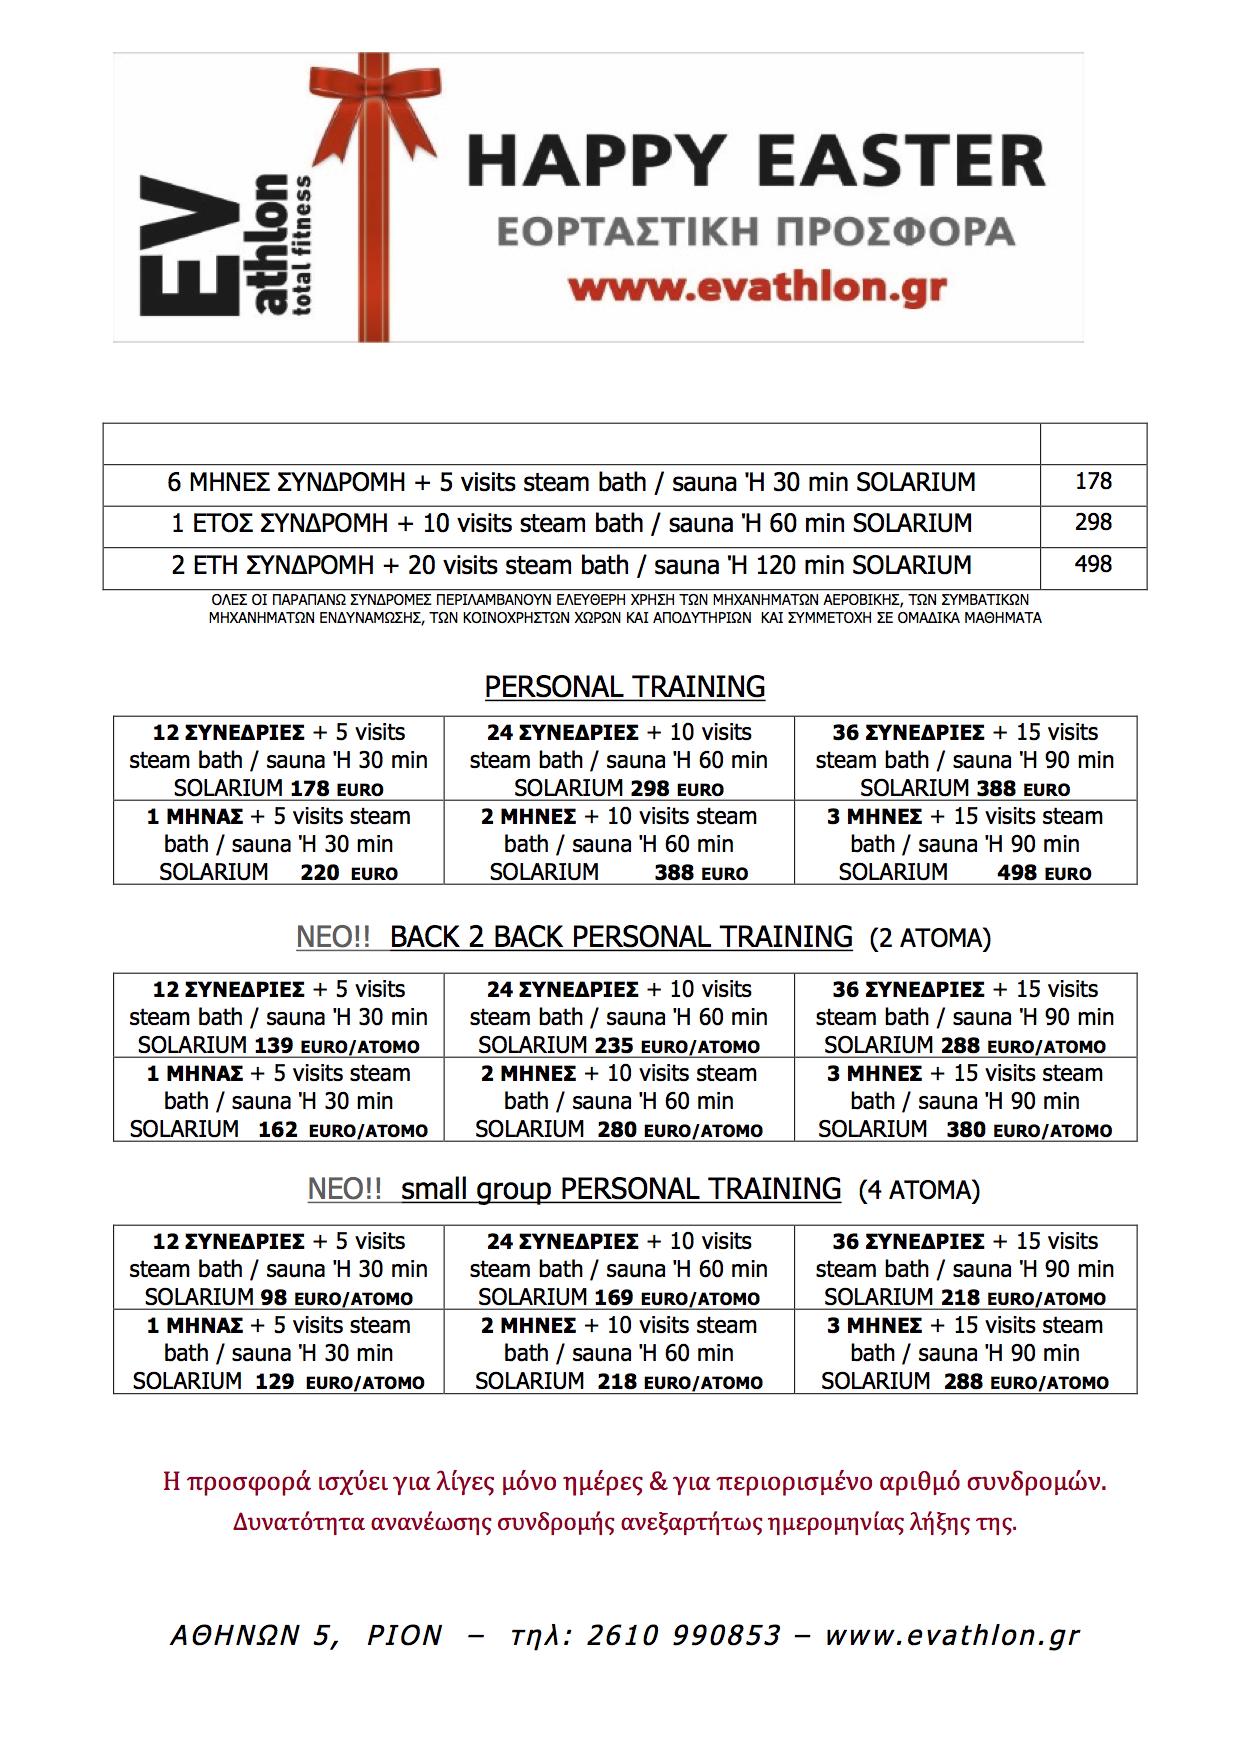 87033881f2 Πασχαλινή Προσφορά 2017 - Evathlon total fitness